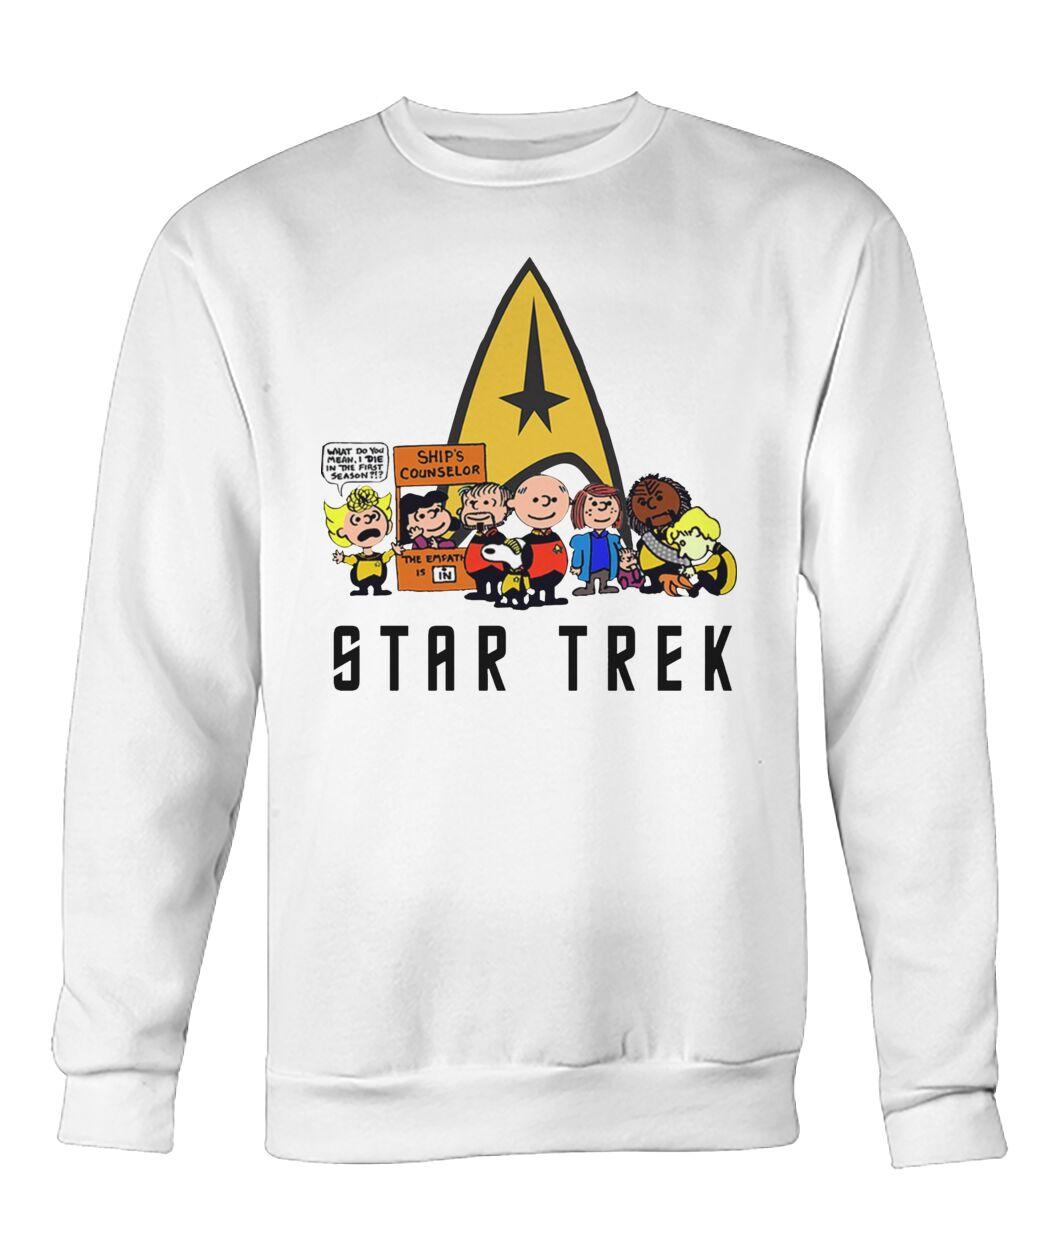 charlie brown snoopy and woodstock star trek sweatshirt